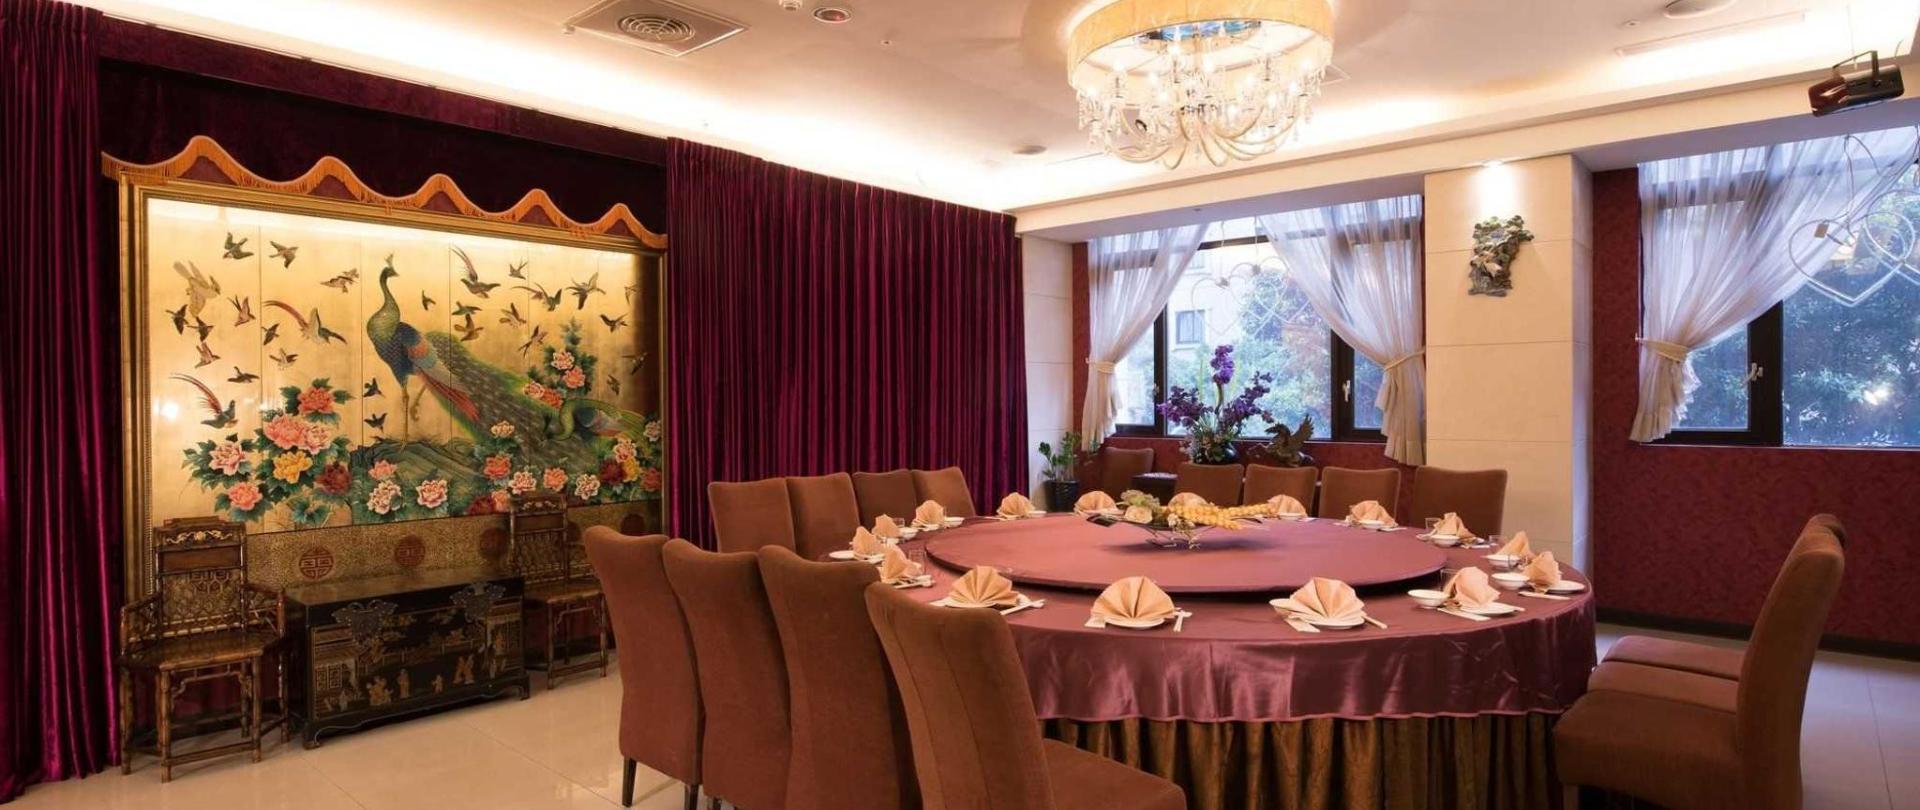 YUZHENXUAN Chinese Restaurant